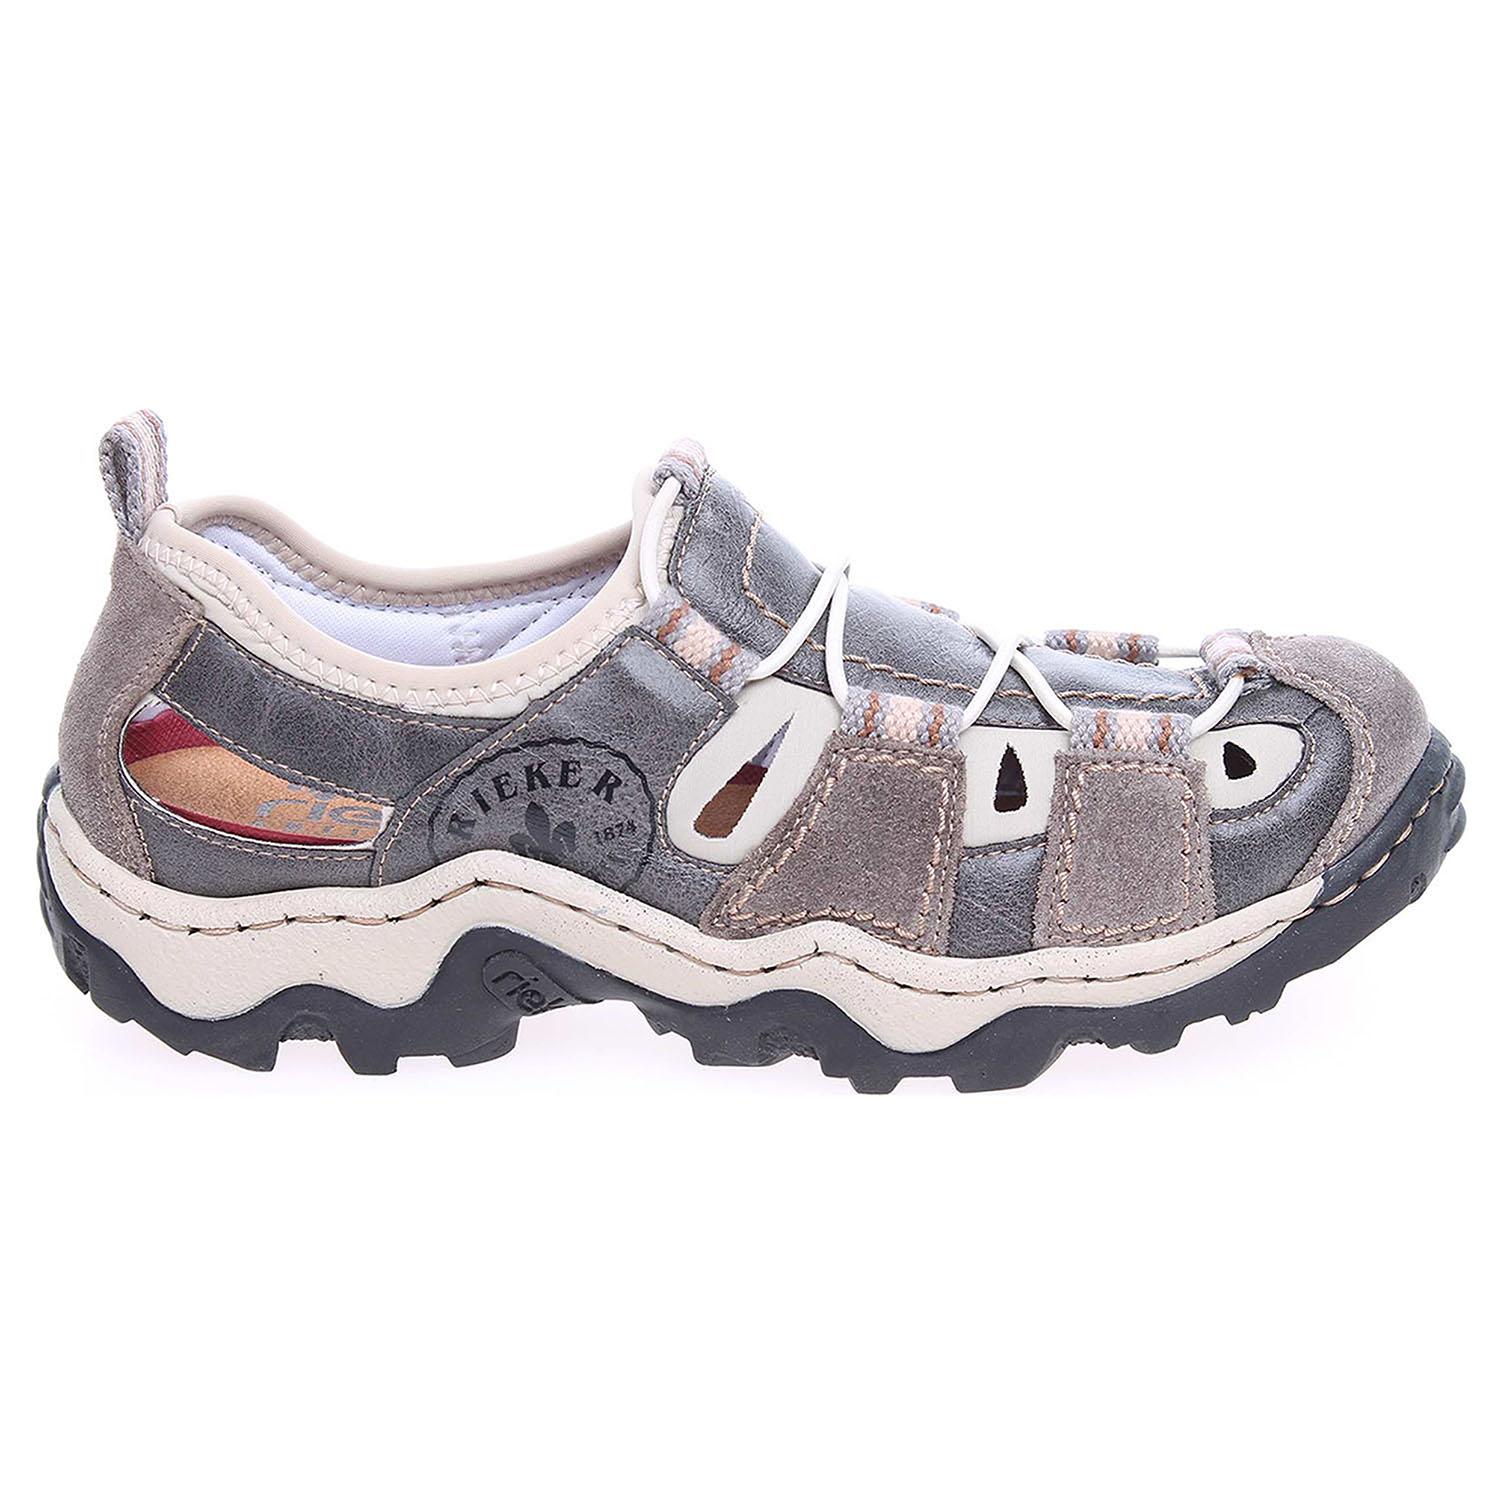 Rieker dámské sandály L0256-42 šedé 41